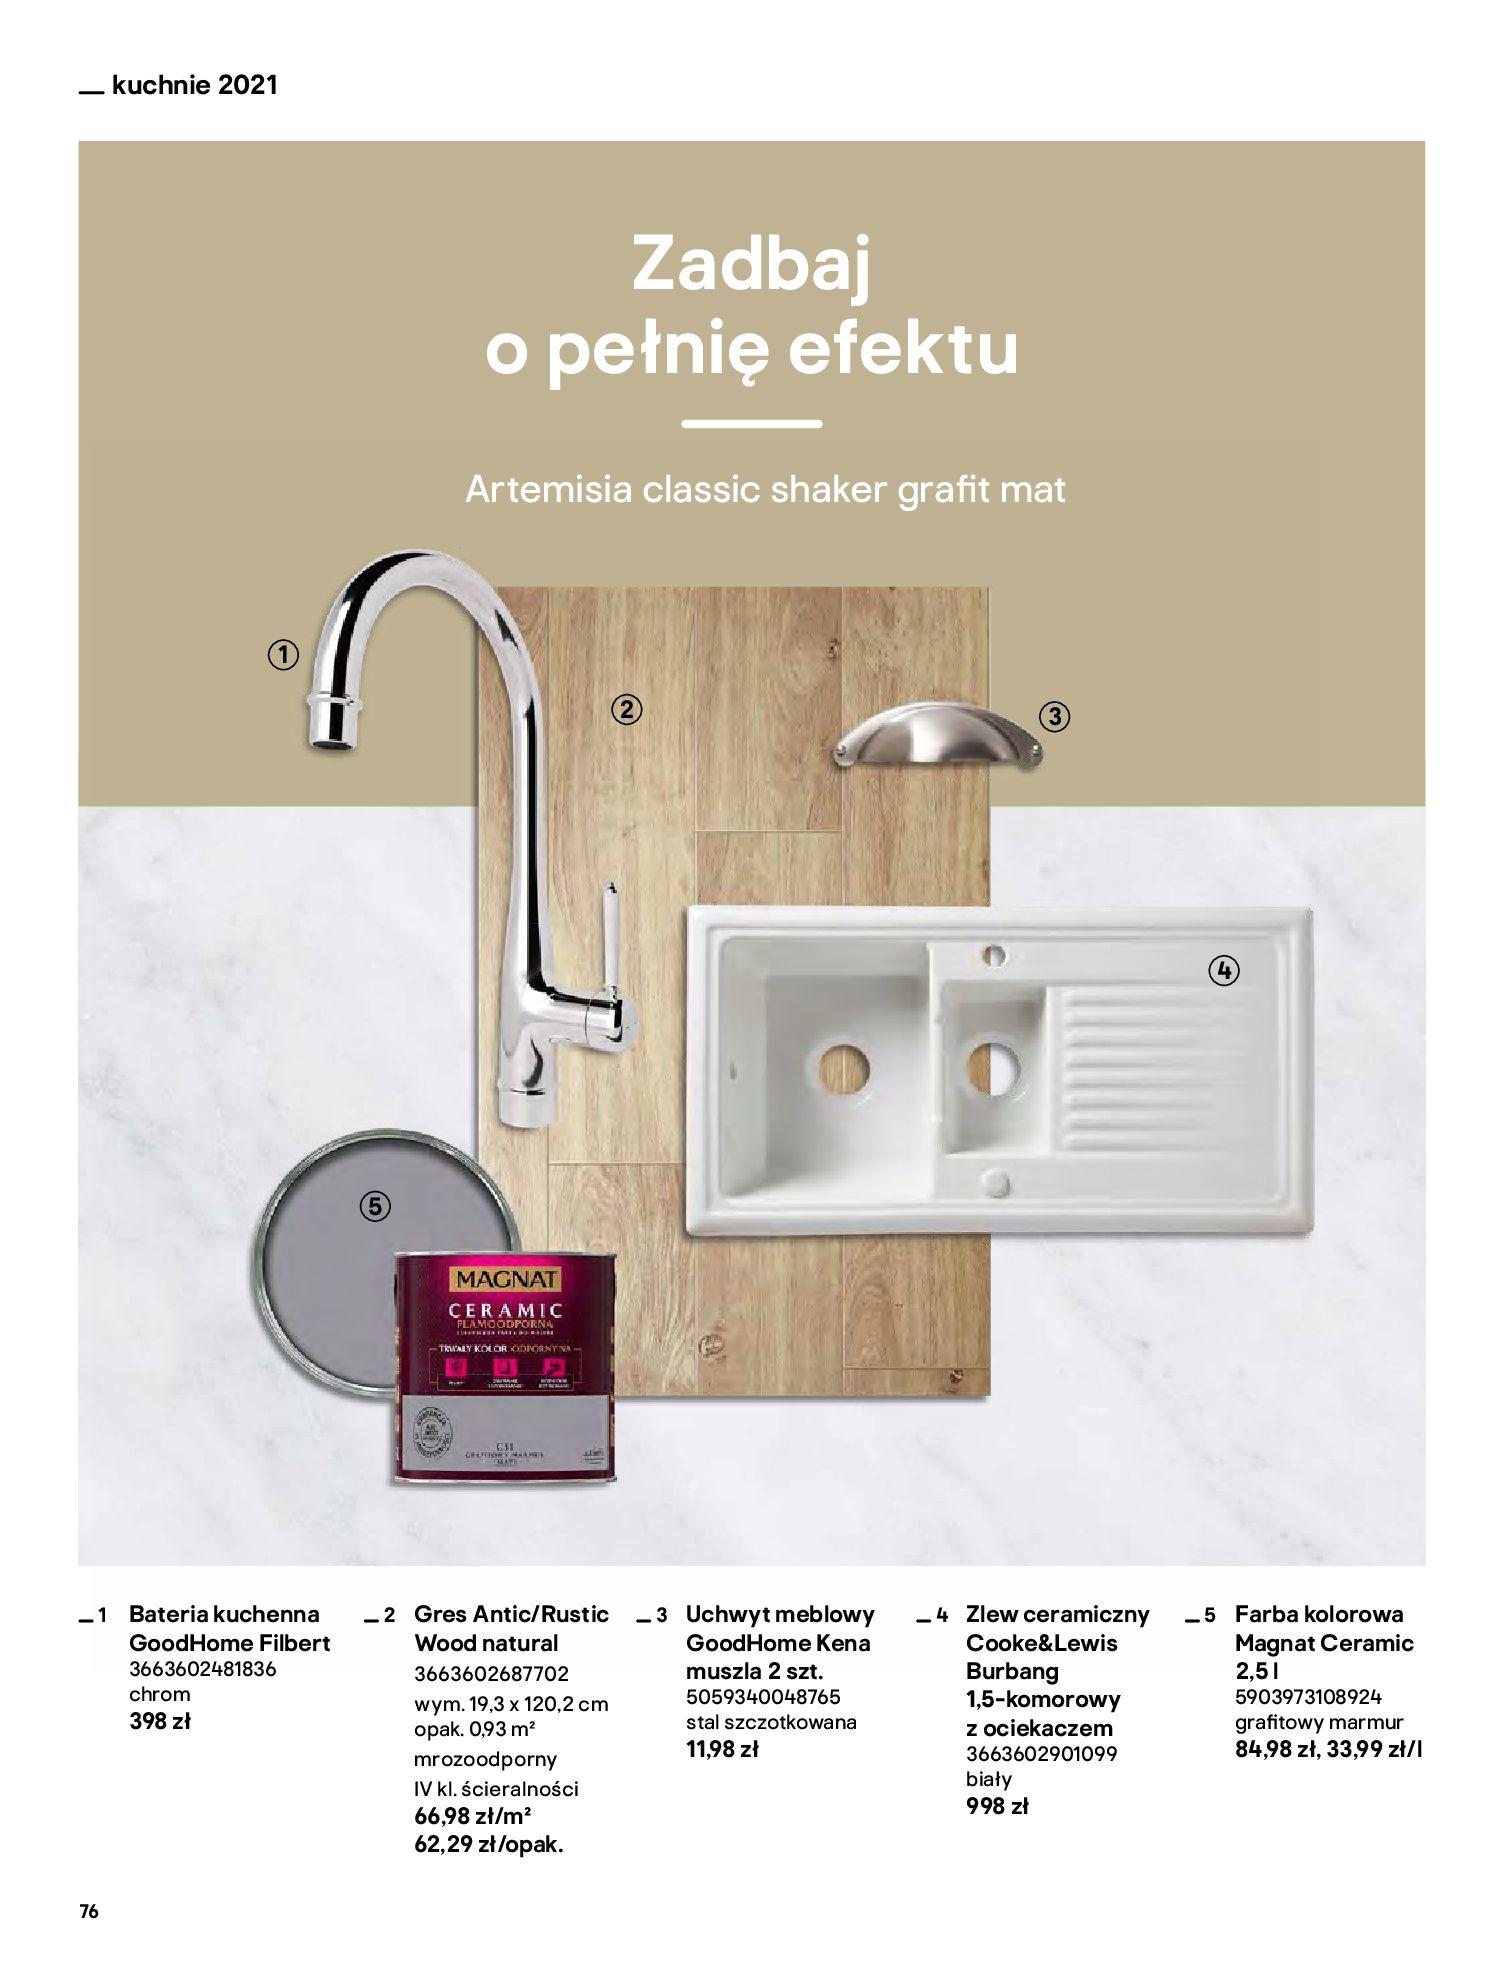 Gazetka Castorama: Katalog kuchnie 2021 2021-05-04 page-76